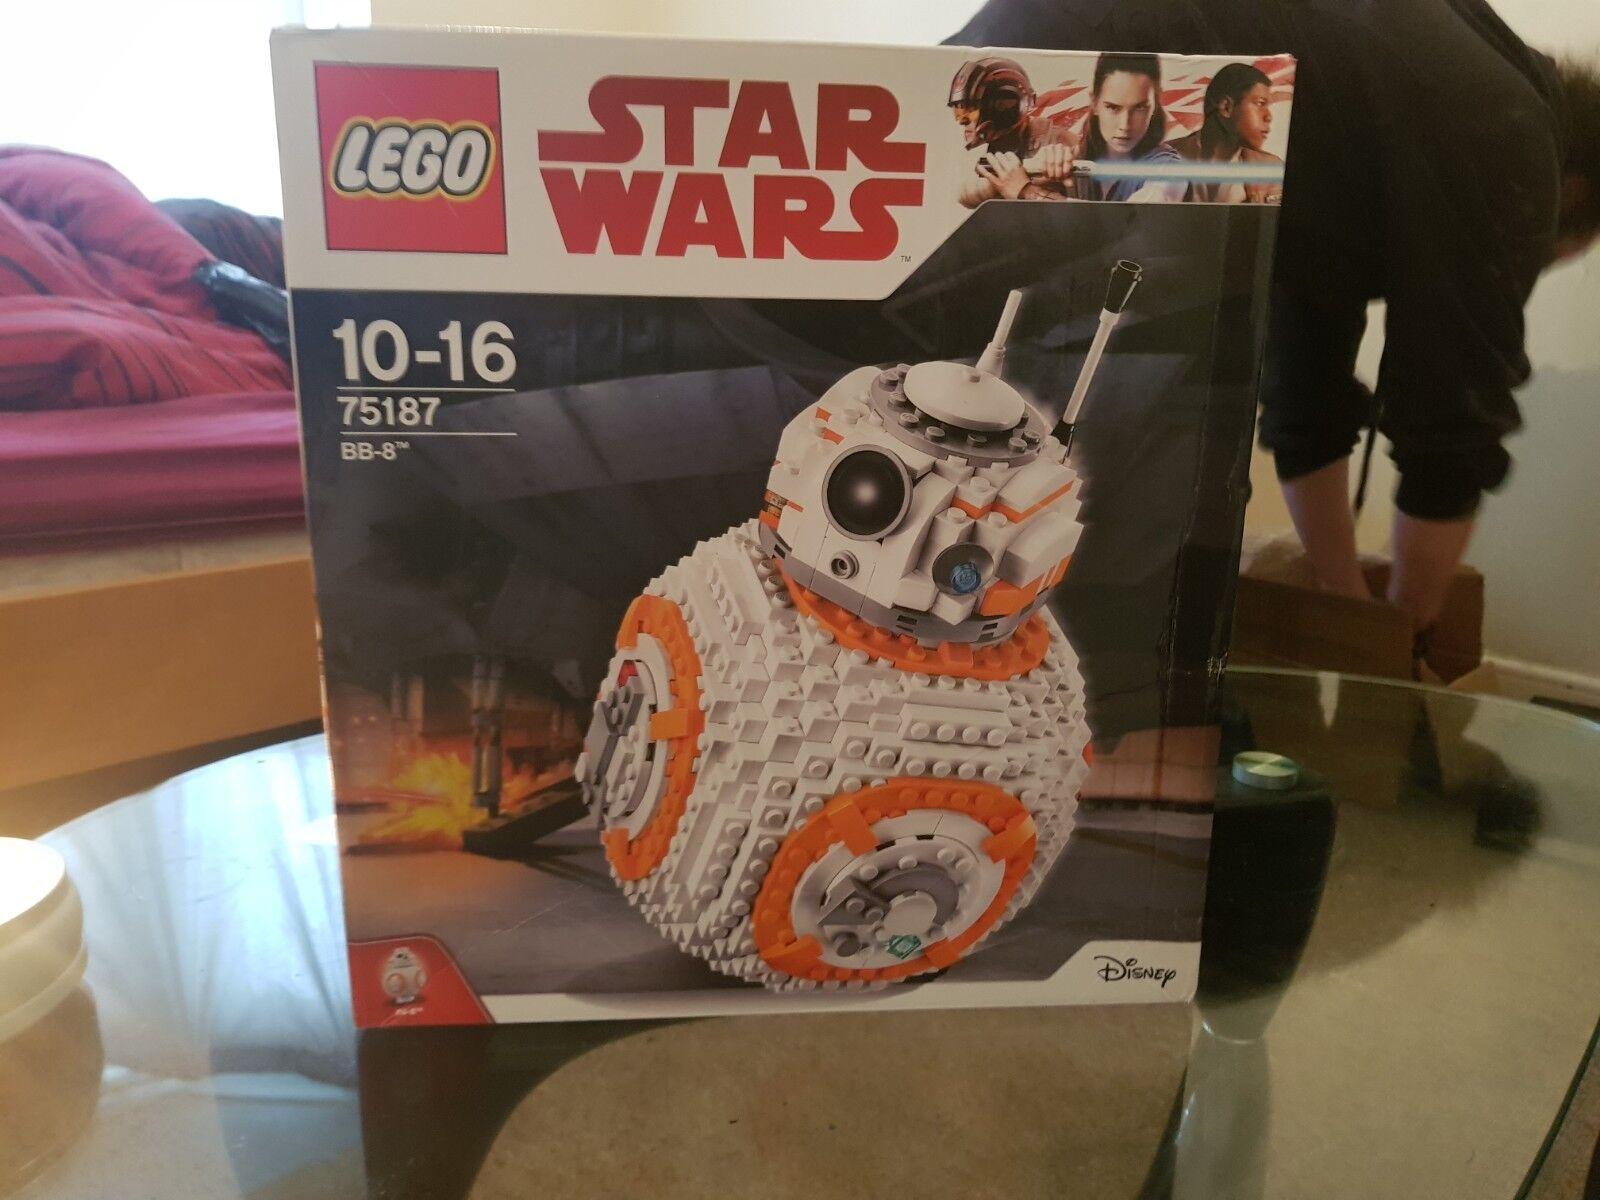 LEGO Star Wars BB-8 2017 (75187) rare